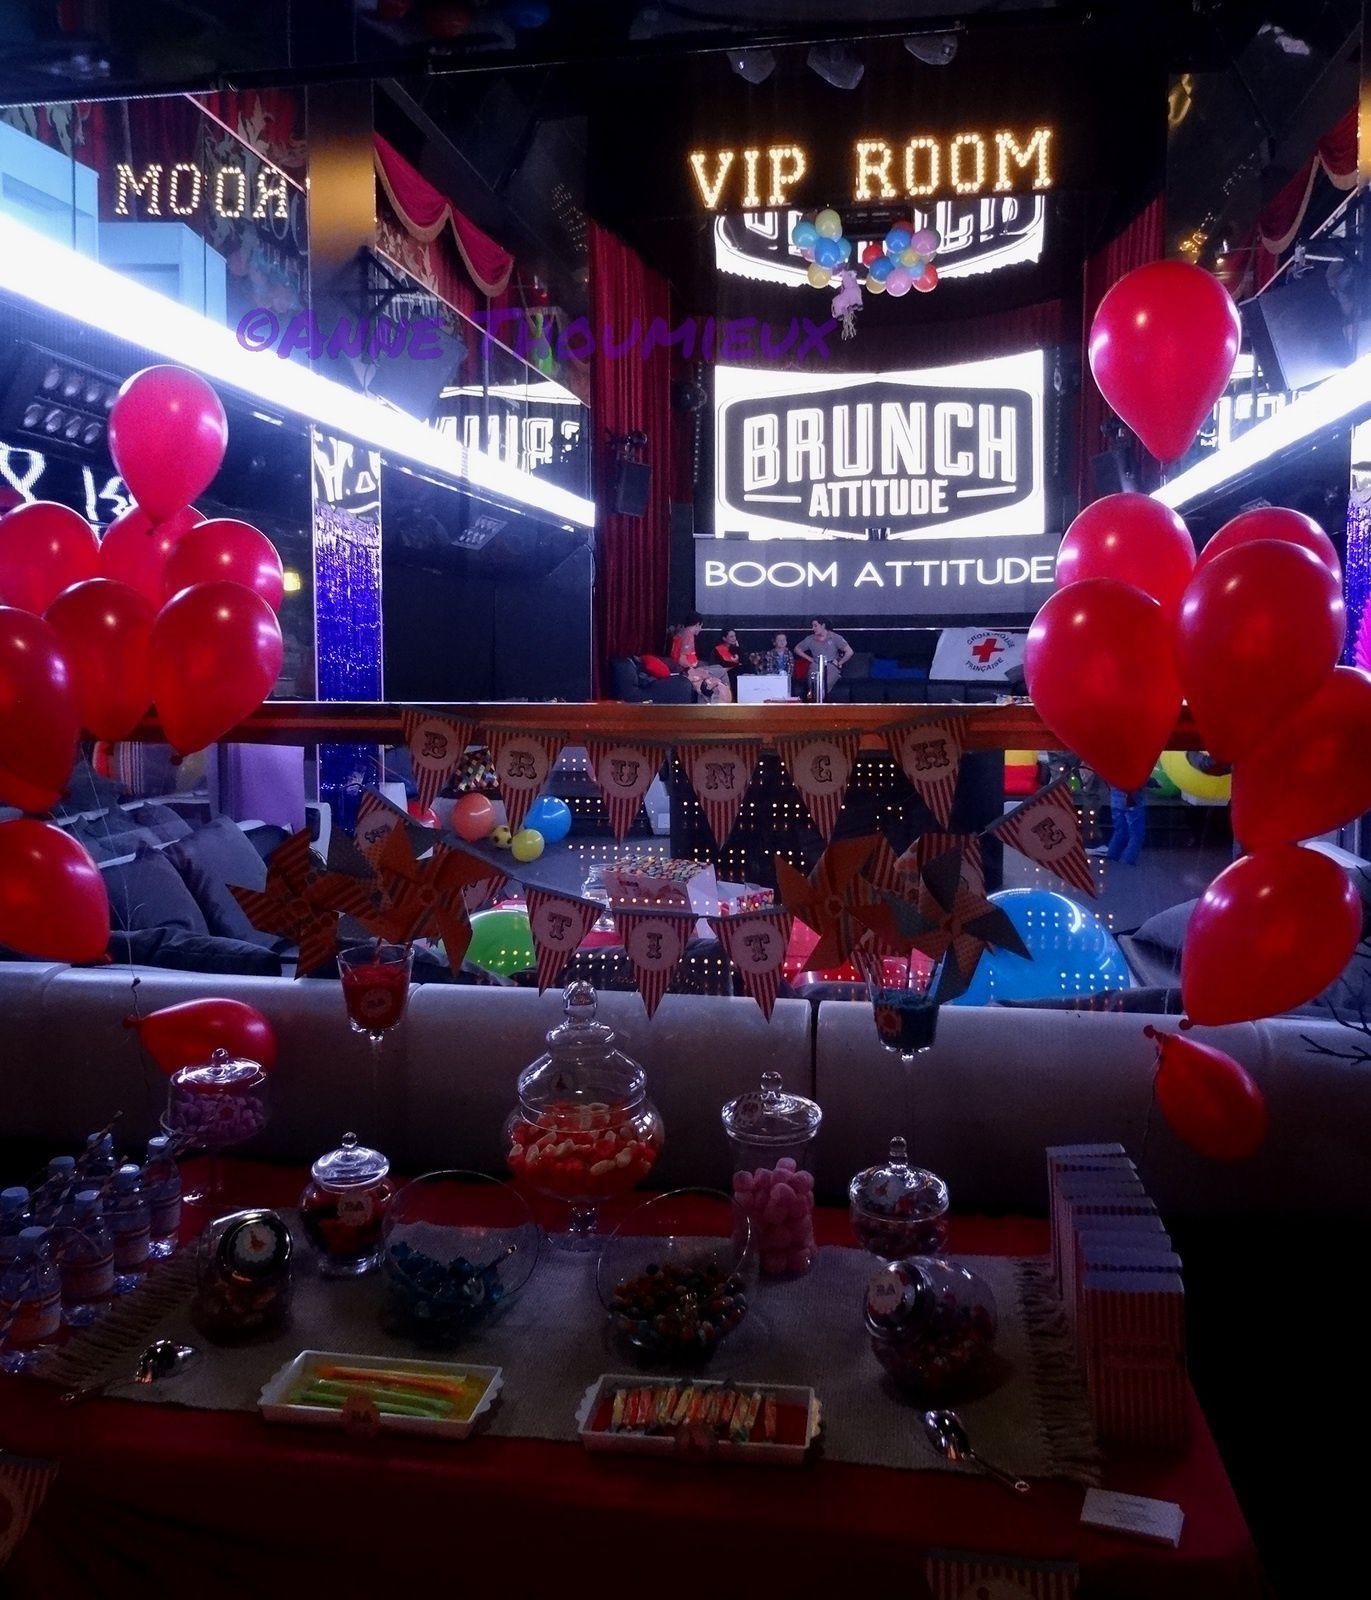 Brunch Attitude de la Gioia @VIP Room : validé!